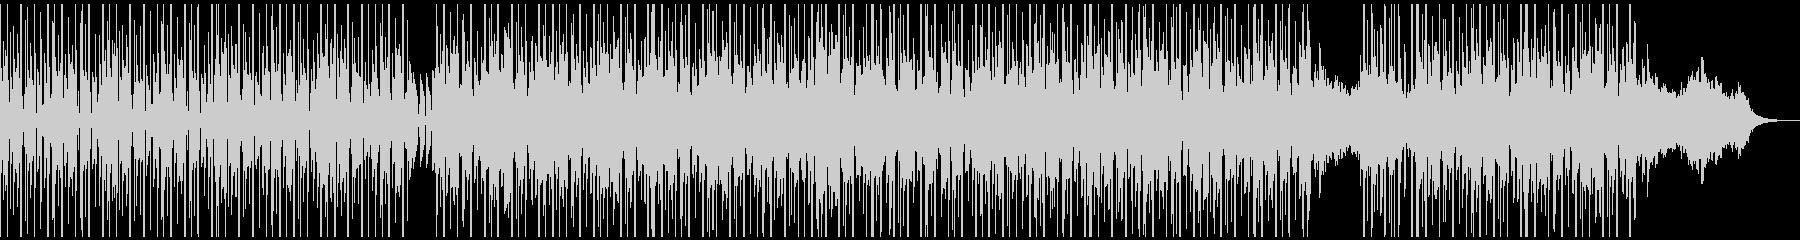 シンセとピアノを使ったクールなBGMの未再生の波形